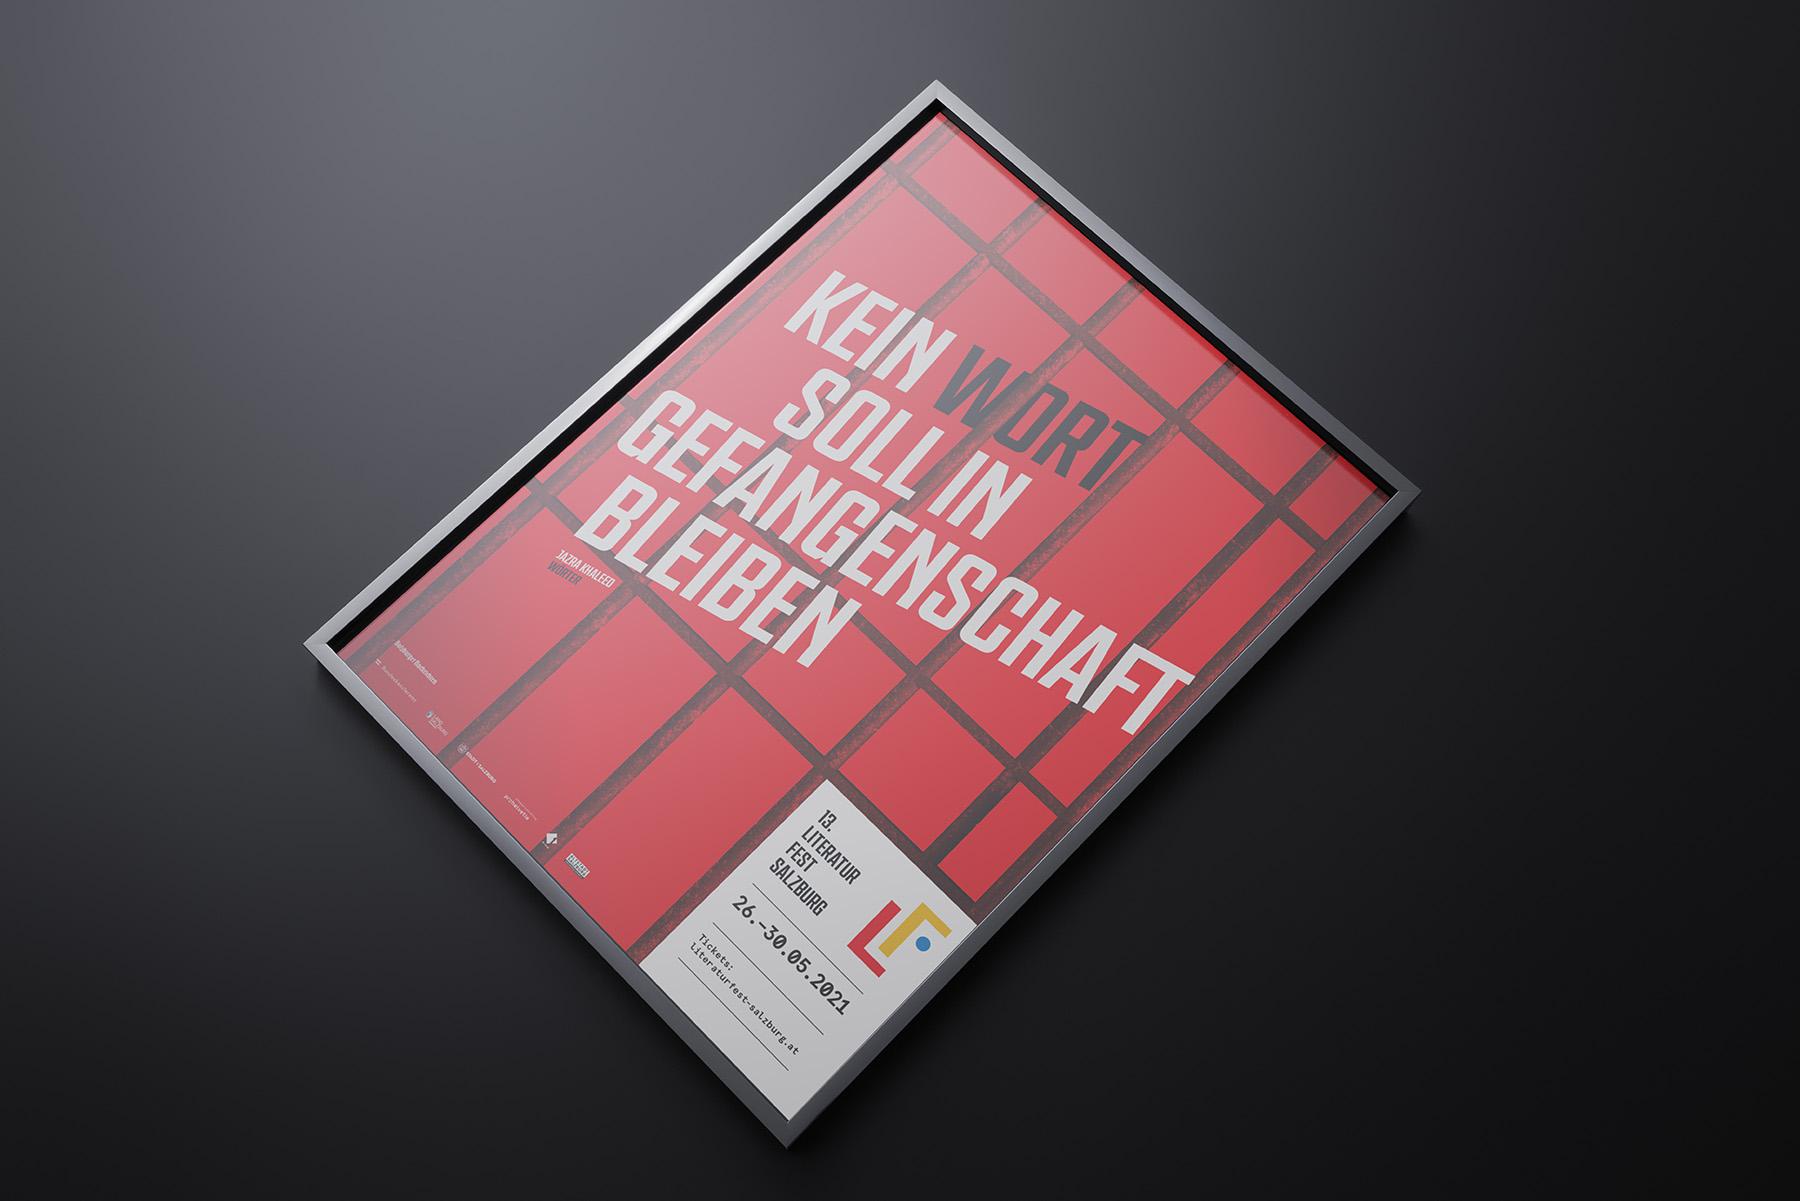 Literaturfest Salzburg 2021